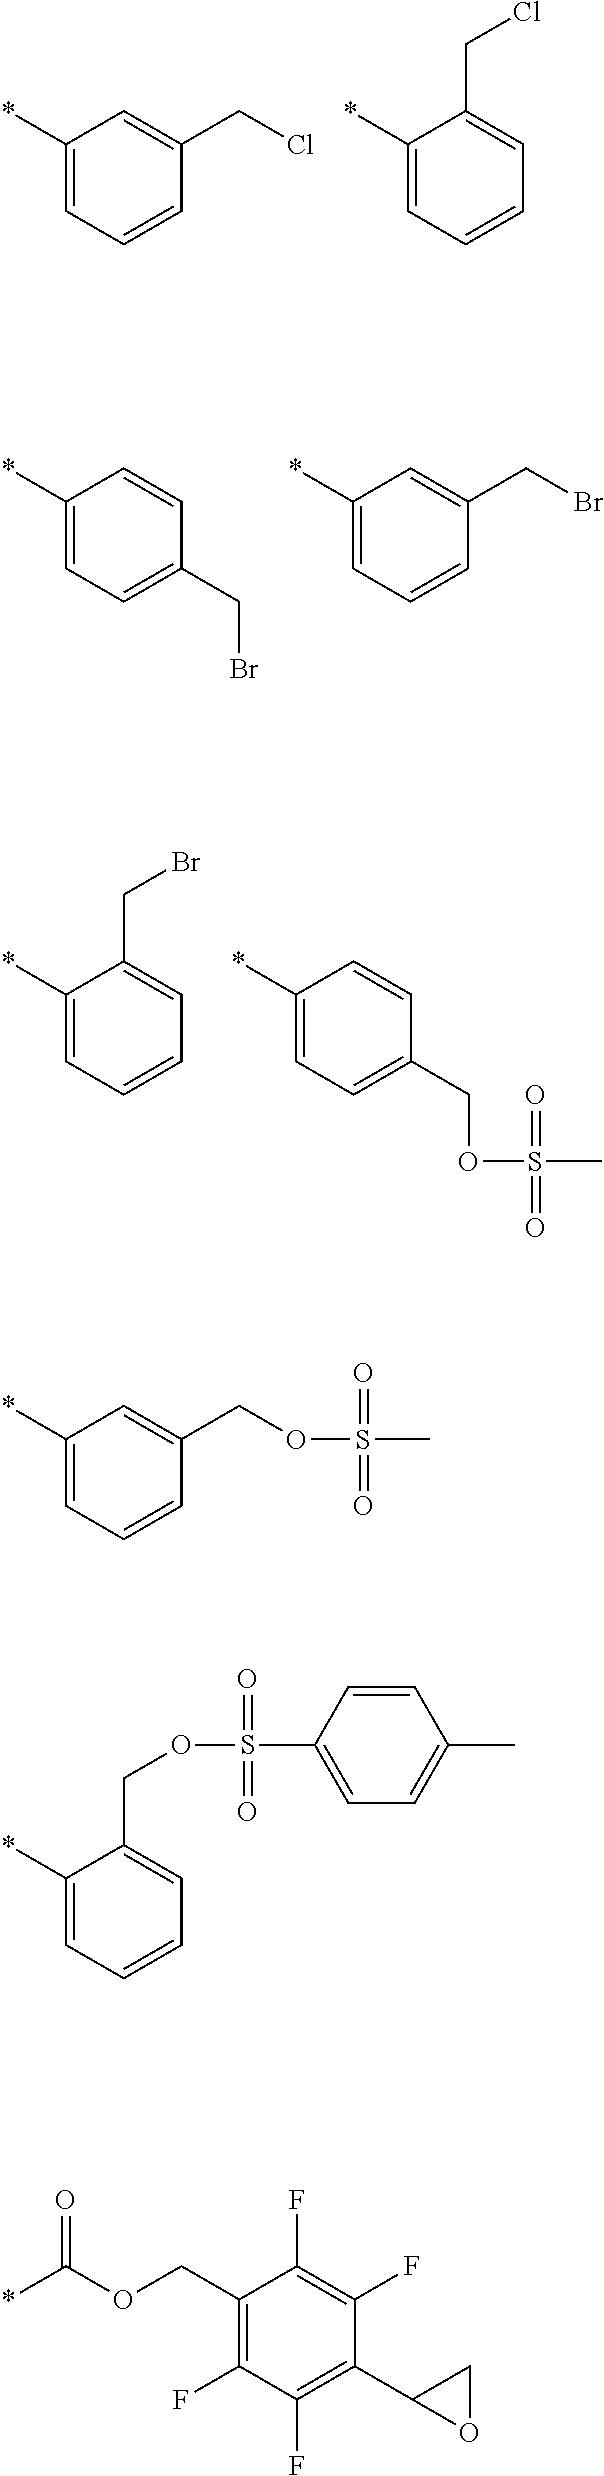 Figure US09574107-20170221-C00034